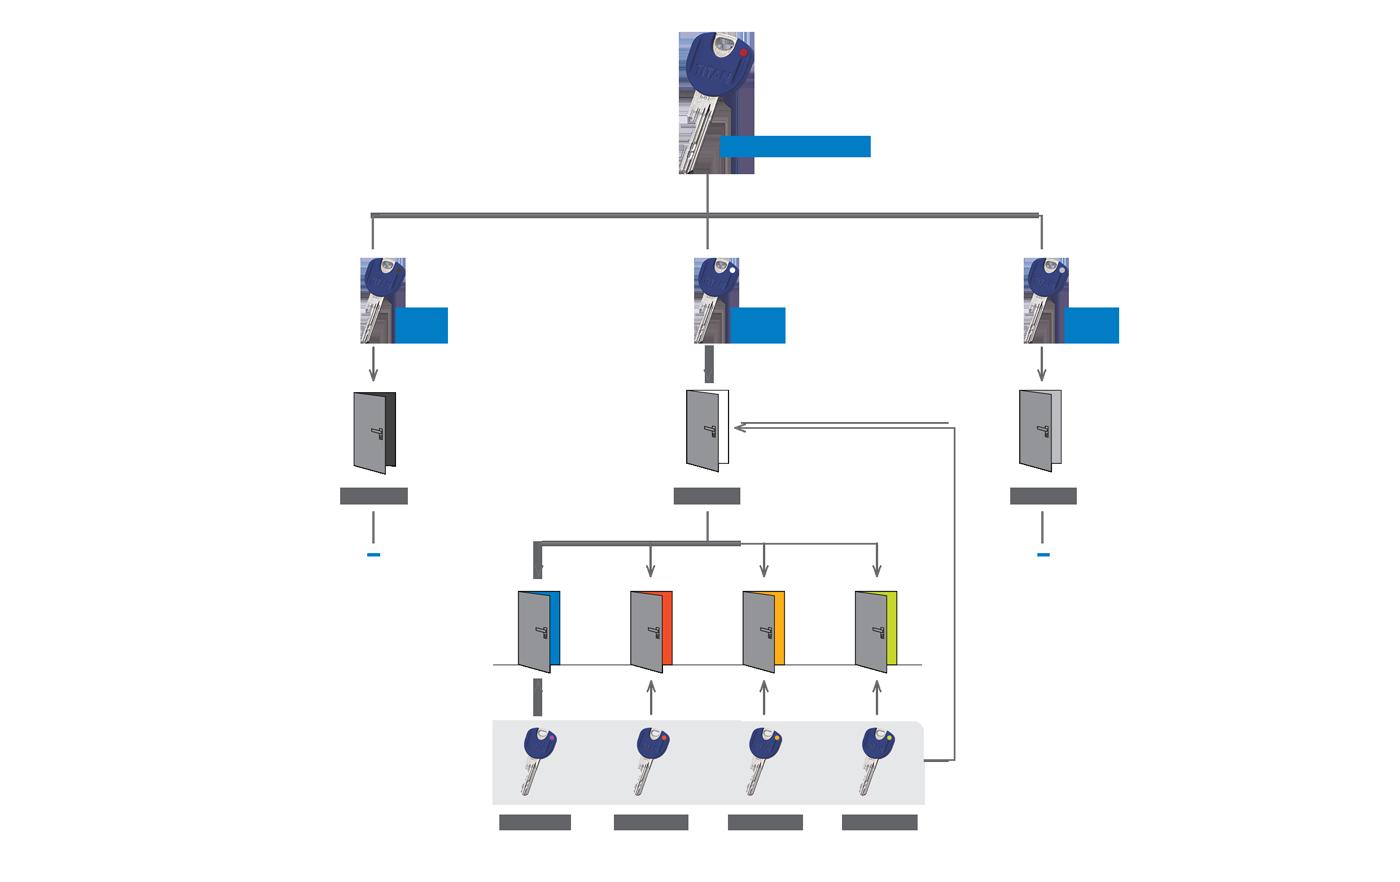 generalnii-kljuc-shema